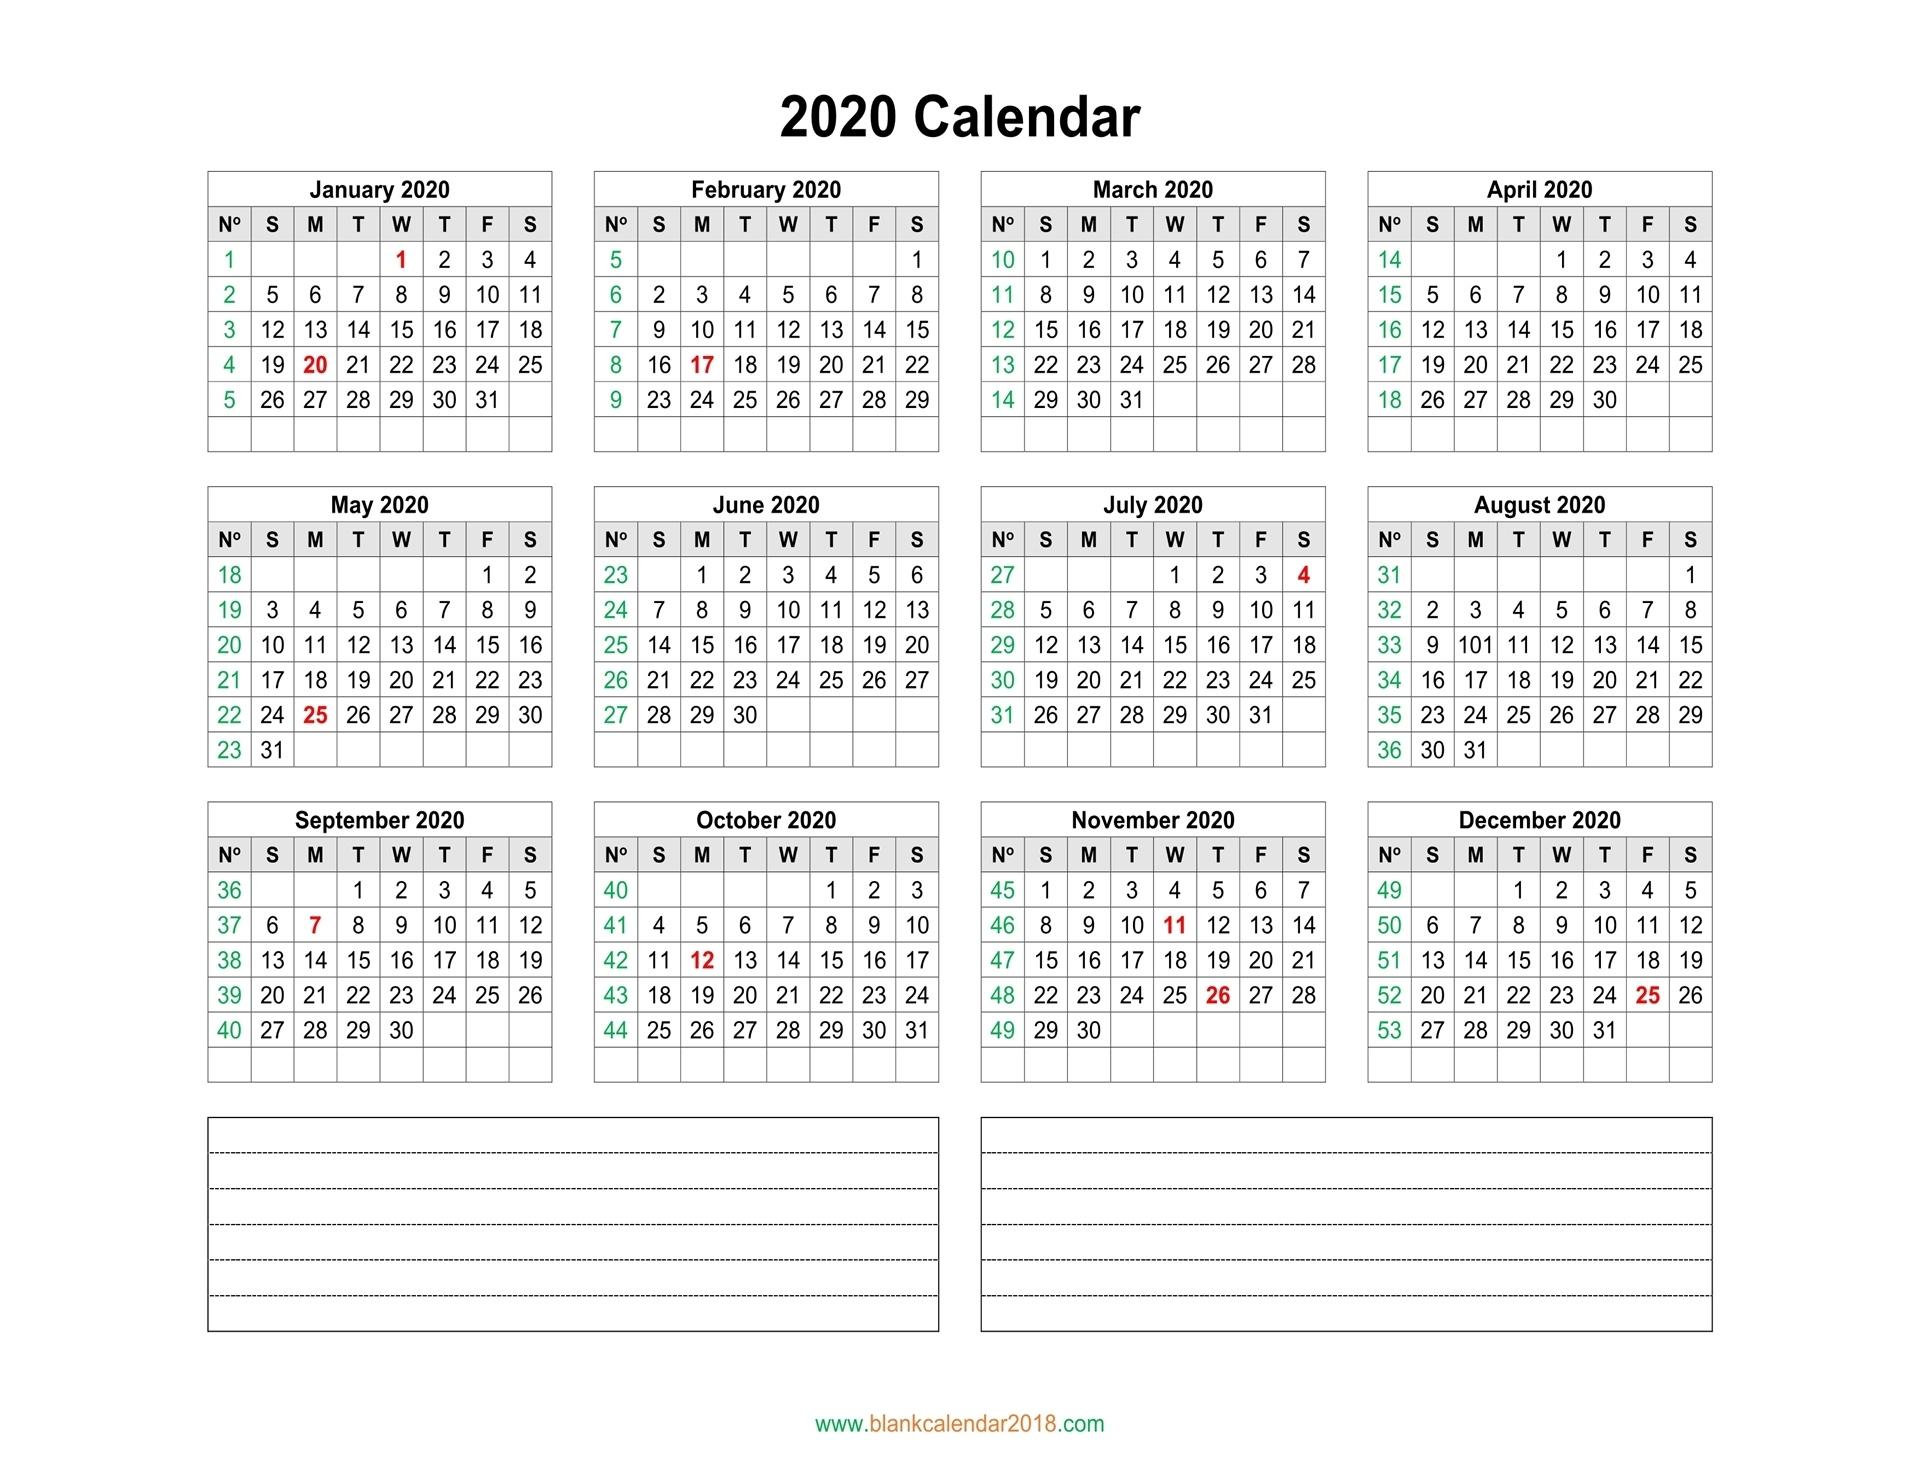 Blank Calendar 2020 2020 Calendar Numbered Weeks